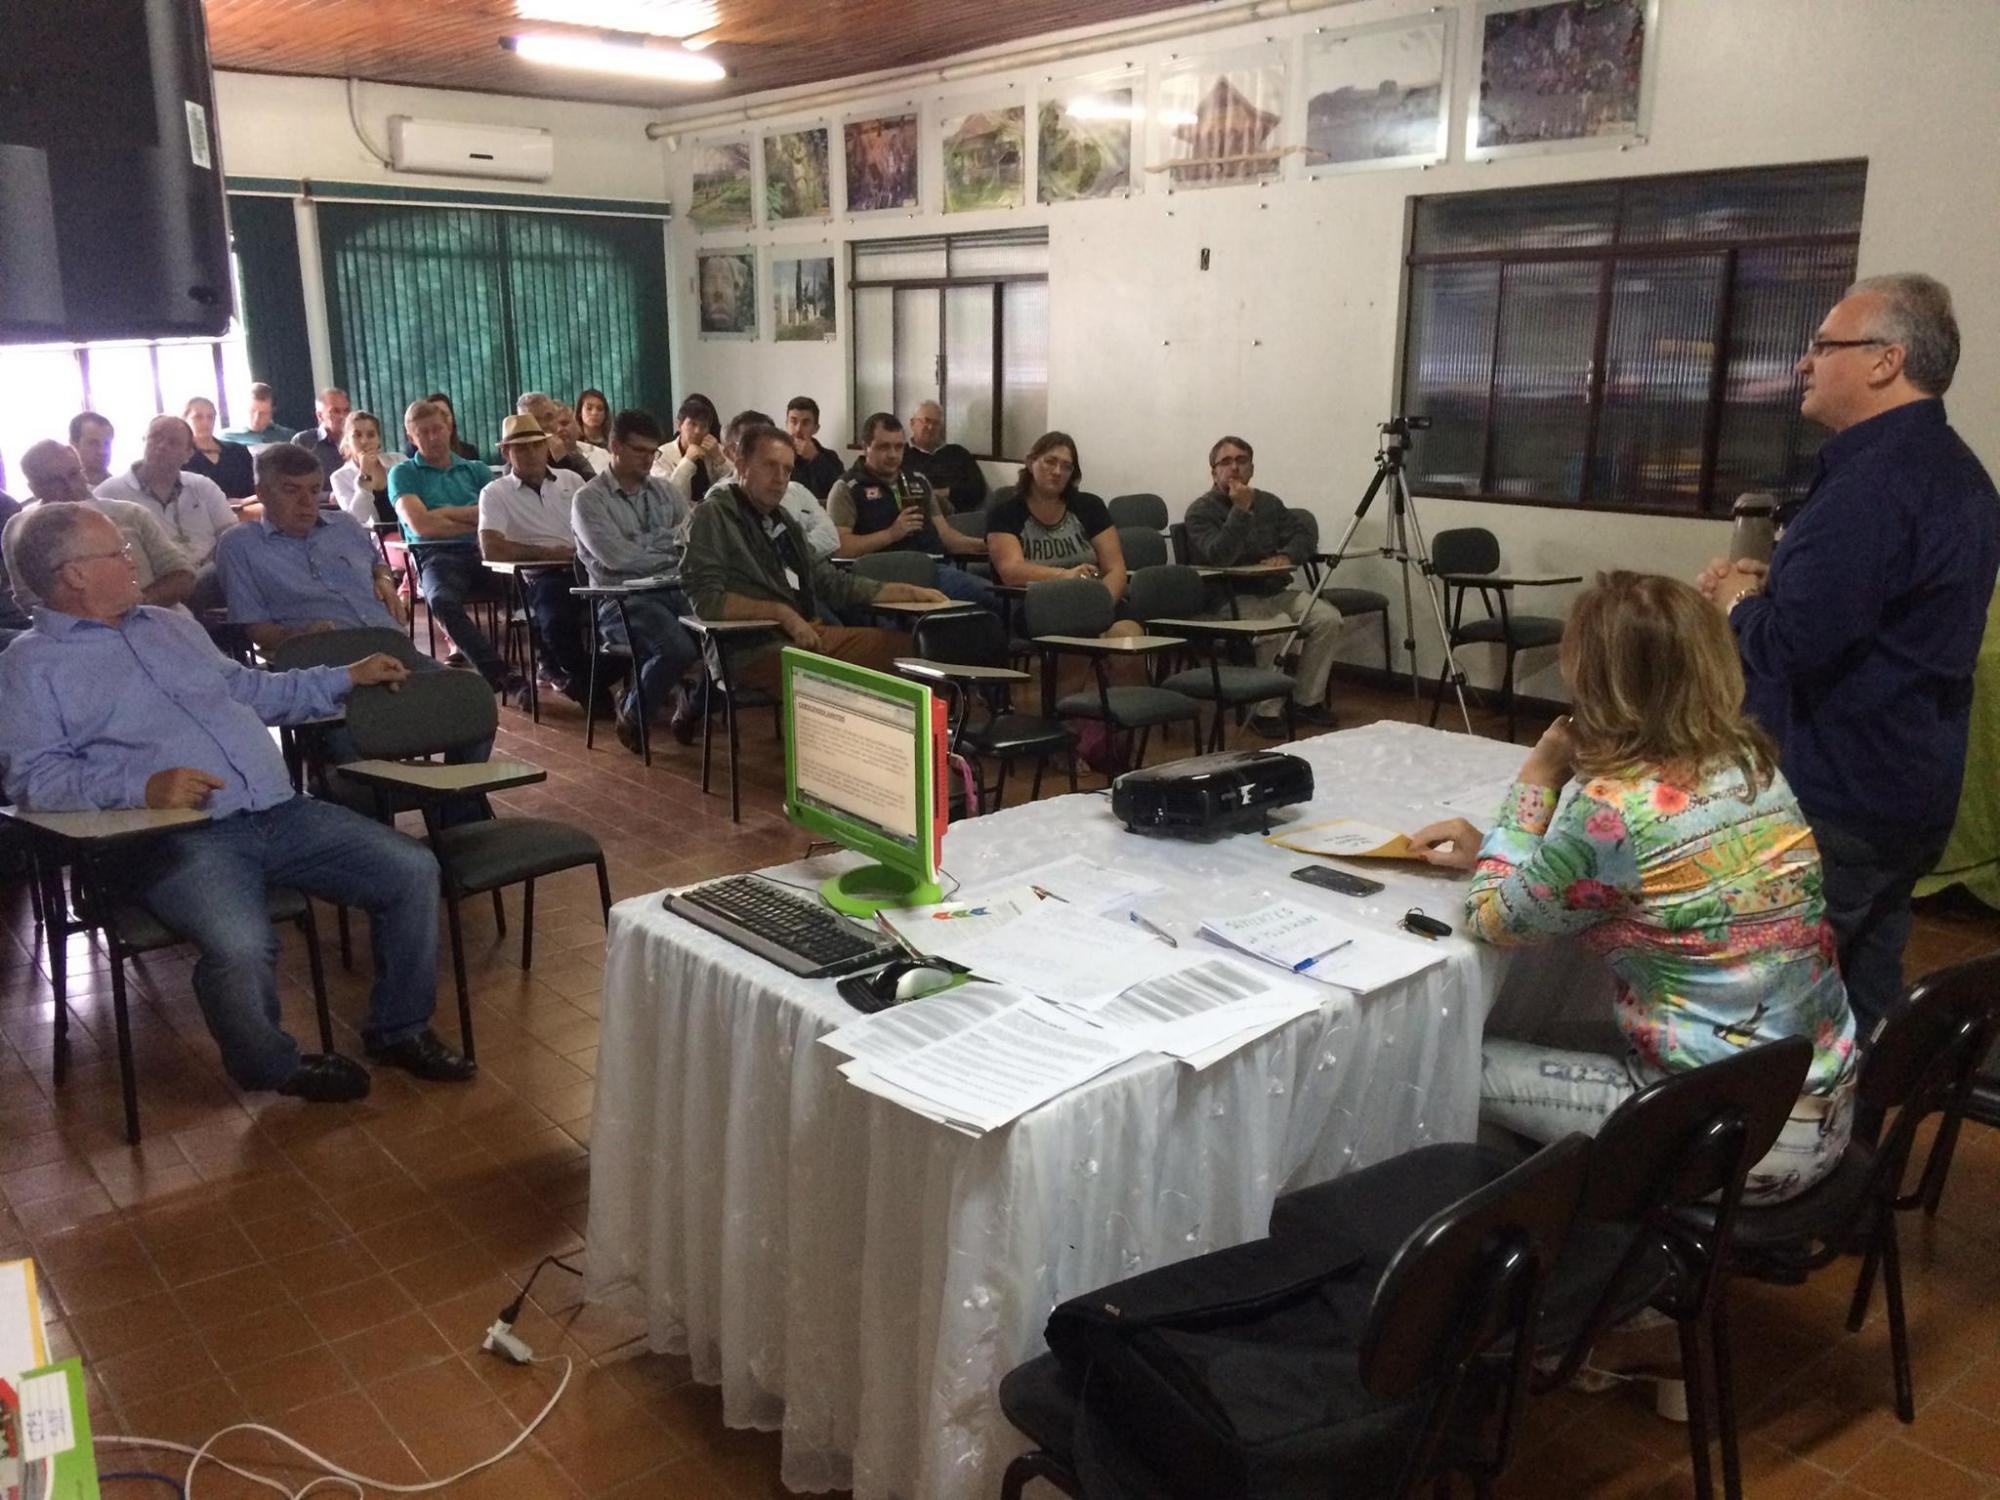 ADR de Ituporanga distribui larvicida para o controle de borrachudos na Região da Cebola